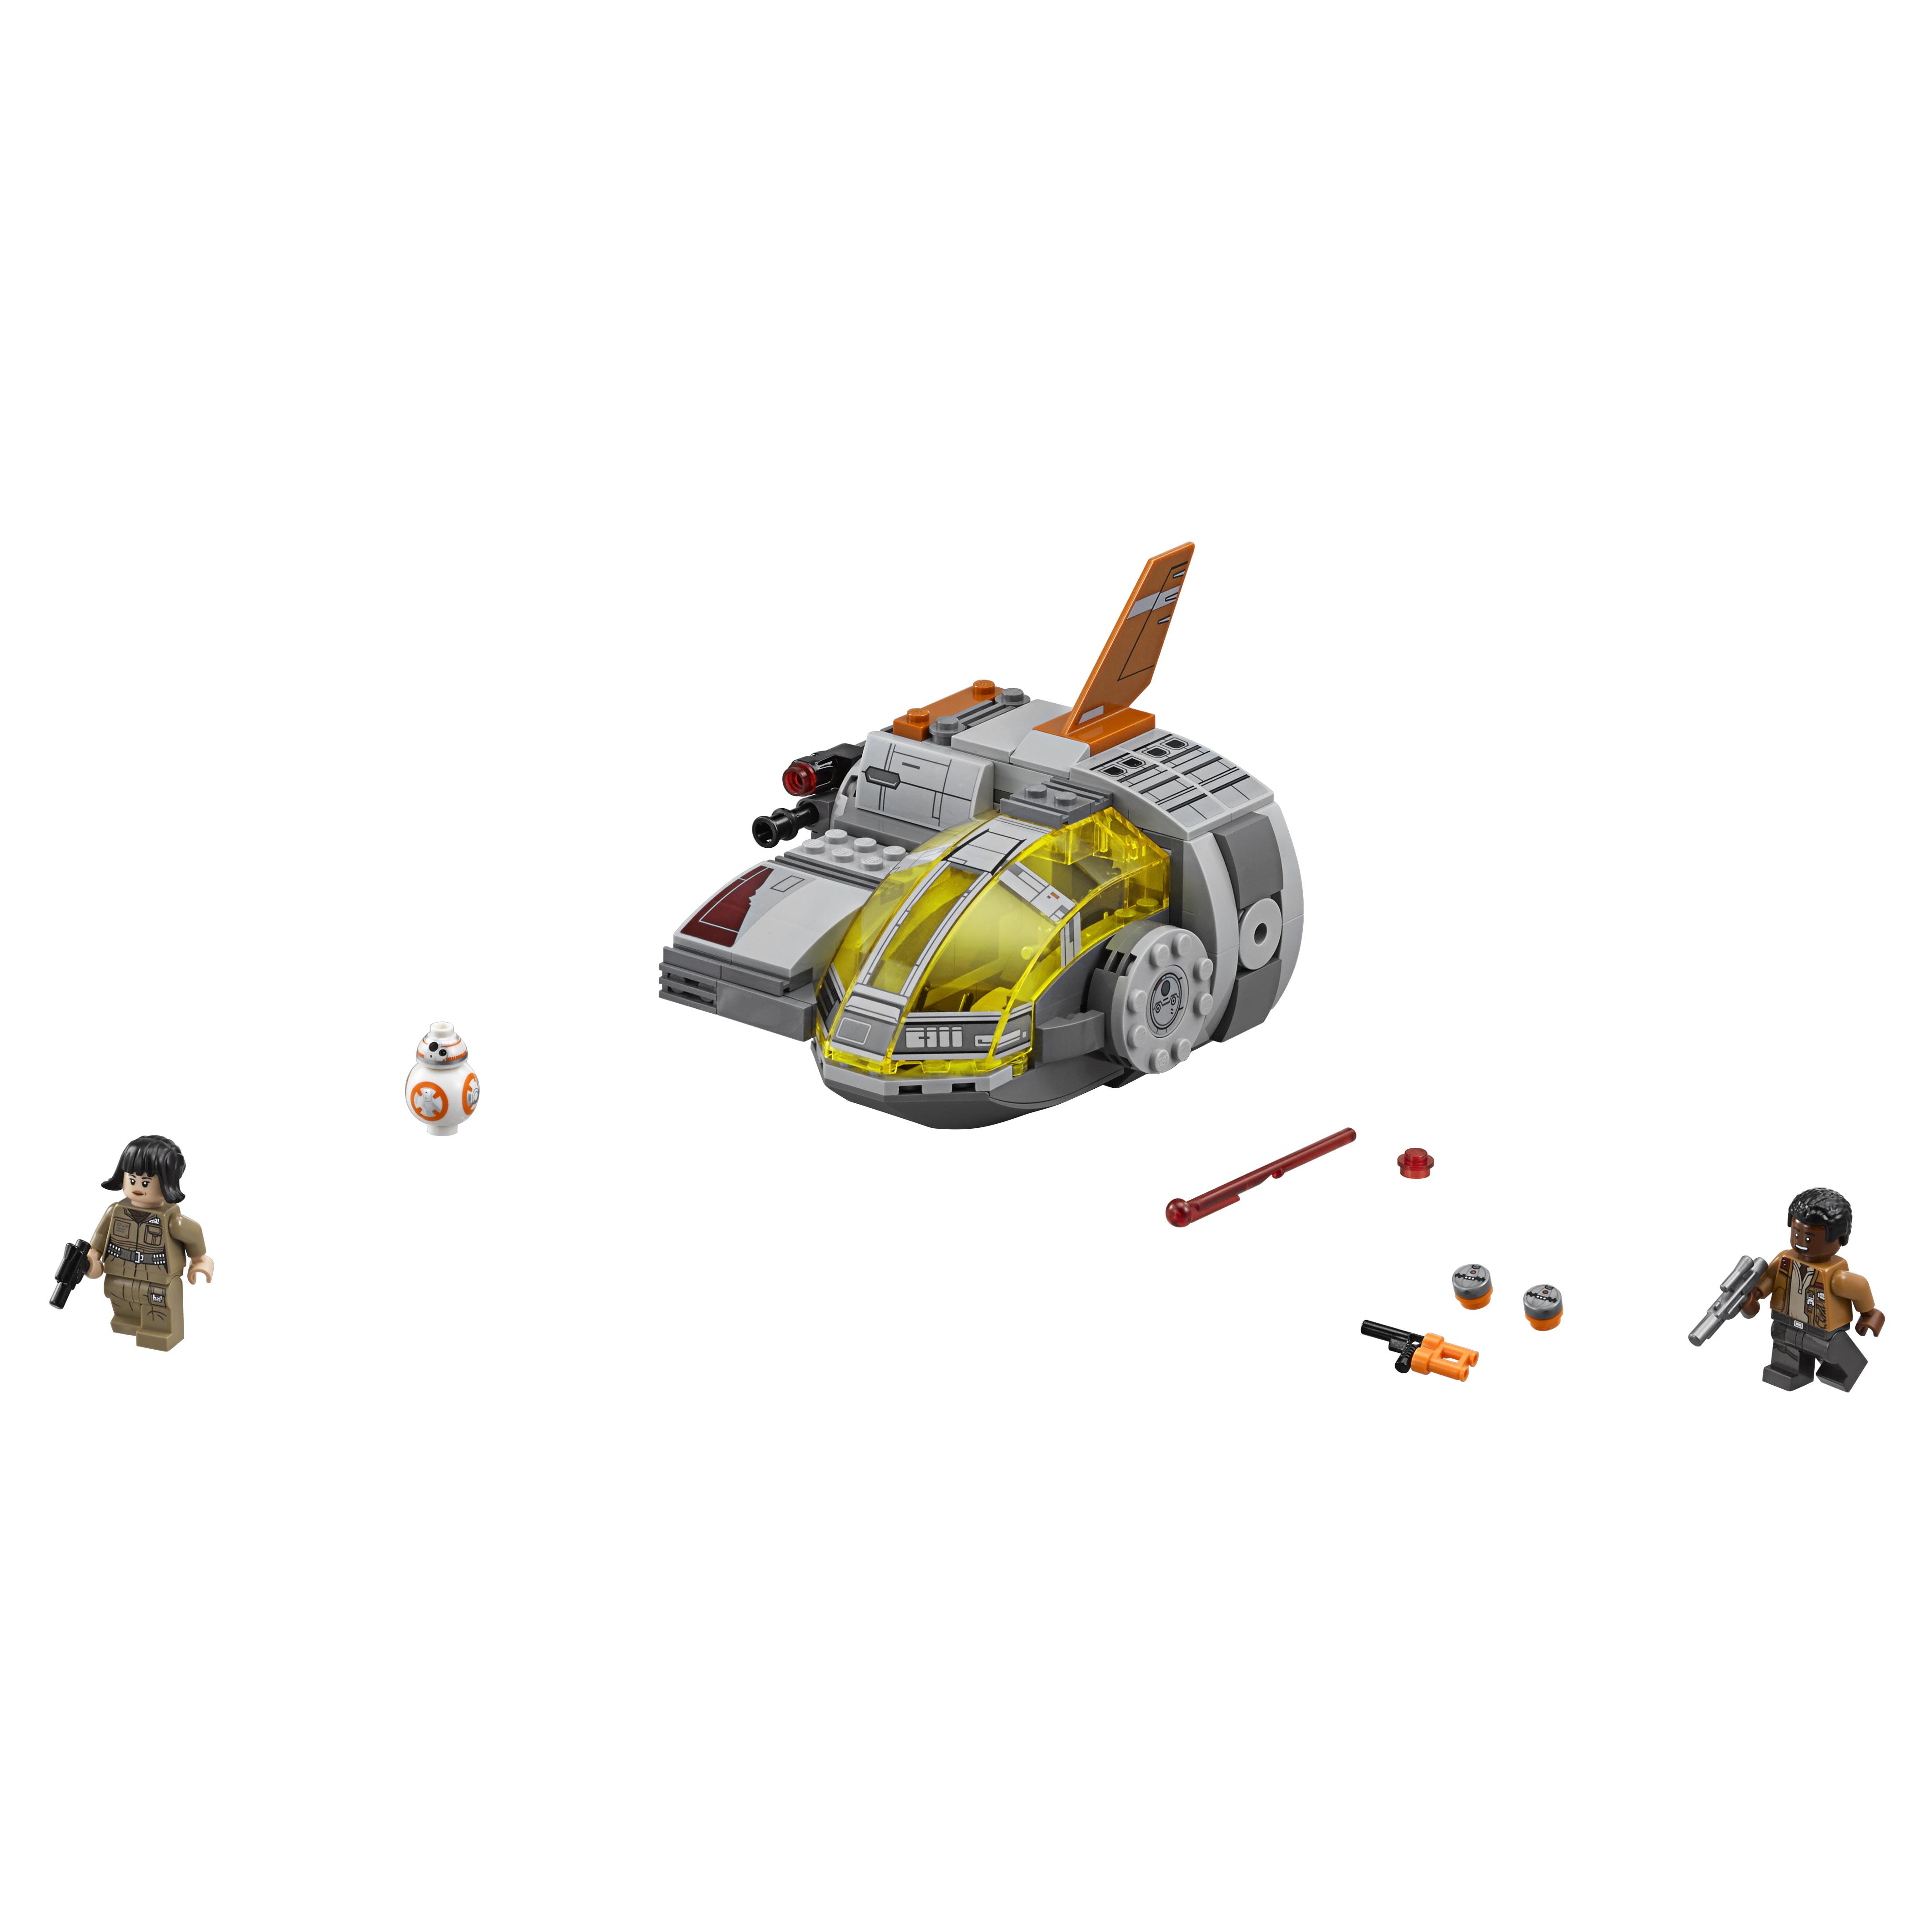 Конструктор LEGO Star Wars Транспортный корабль Сопротивления (75176) конструктор lego star wars транспортный корабль сопротивления 75